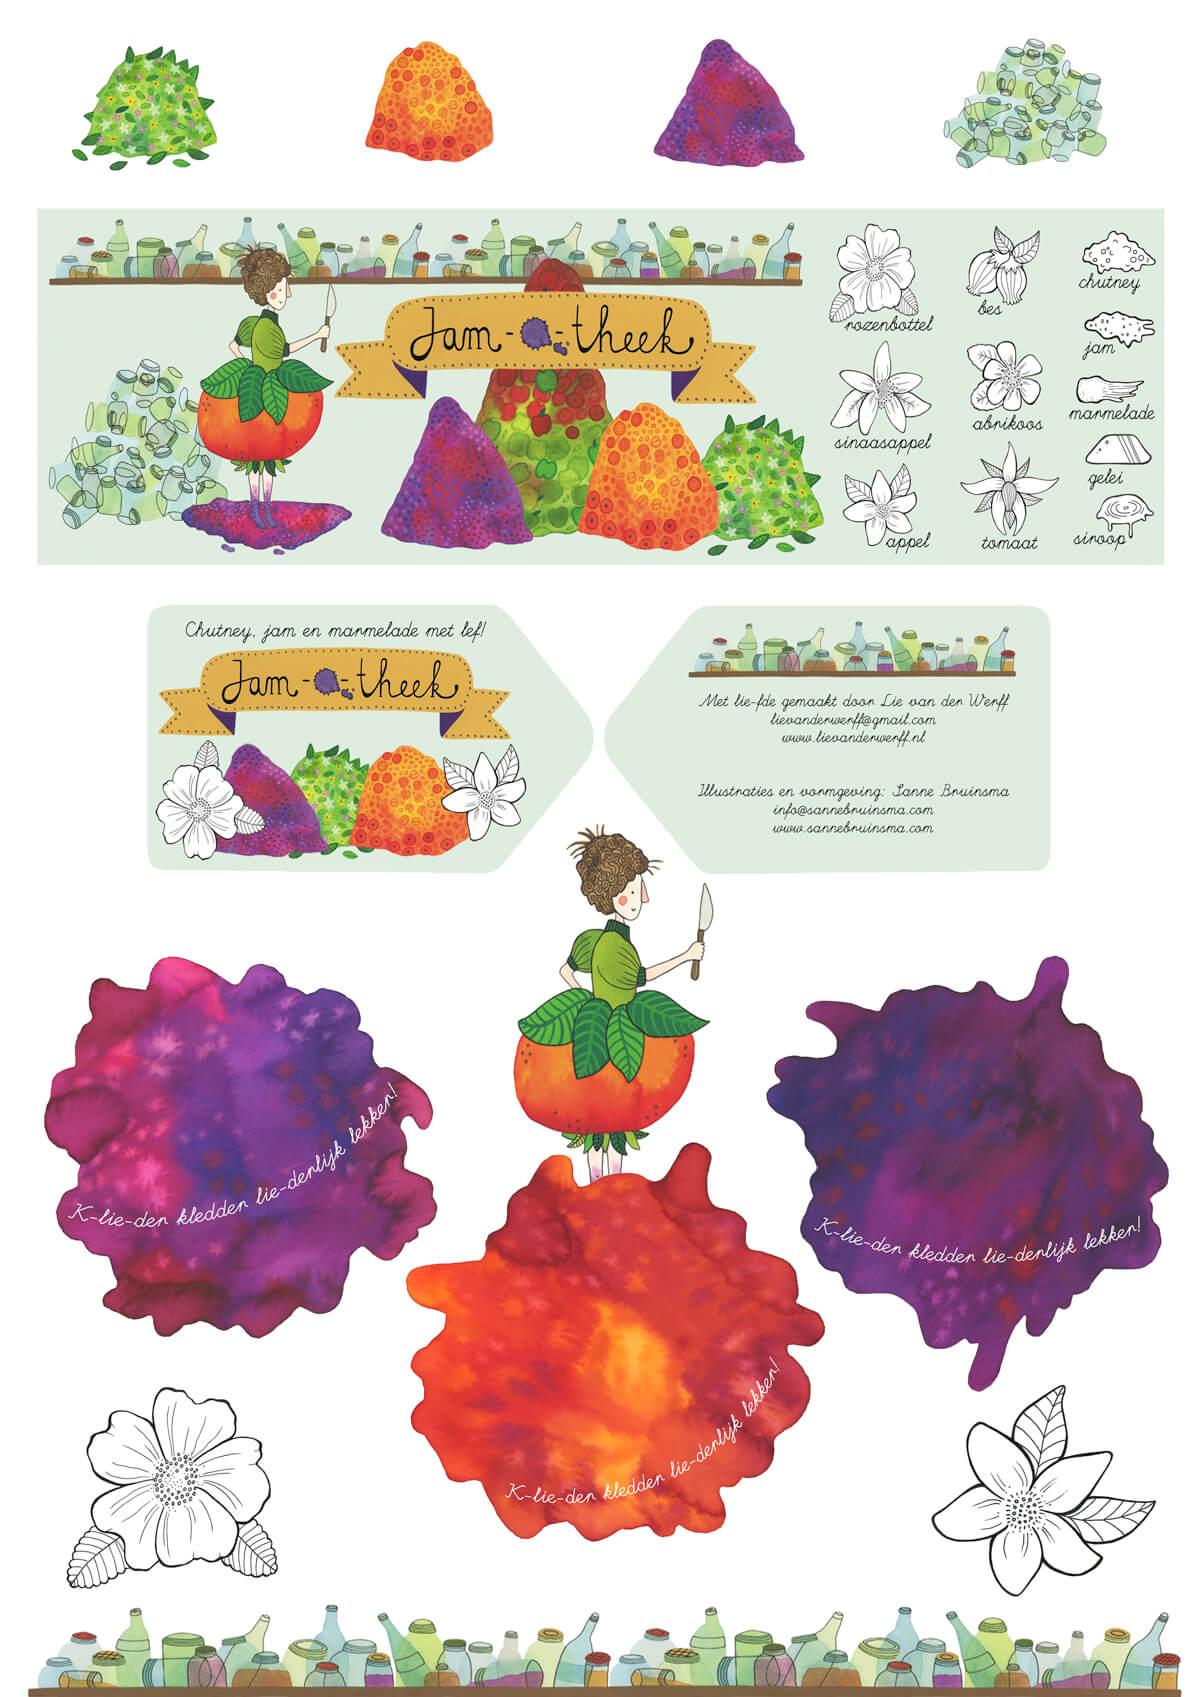 Sanne Bruinsma Illustraties & Vormgeving - Etiket ontwerp jam marmelade wikkel